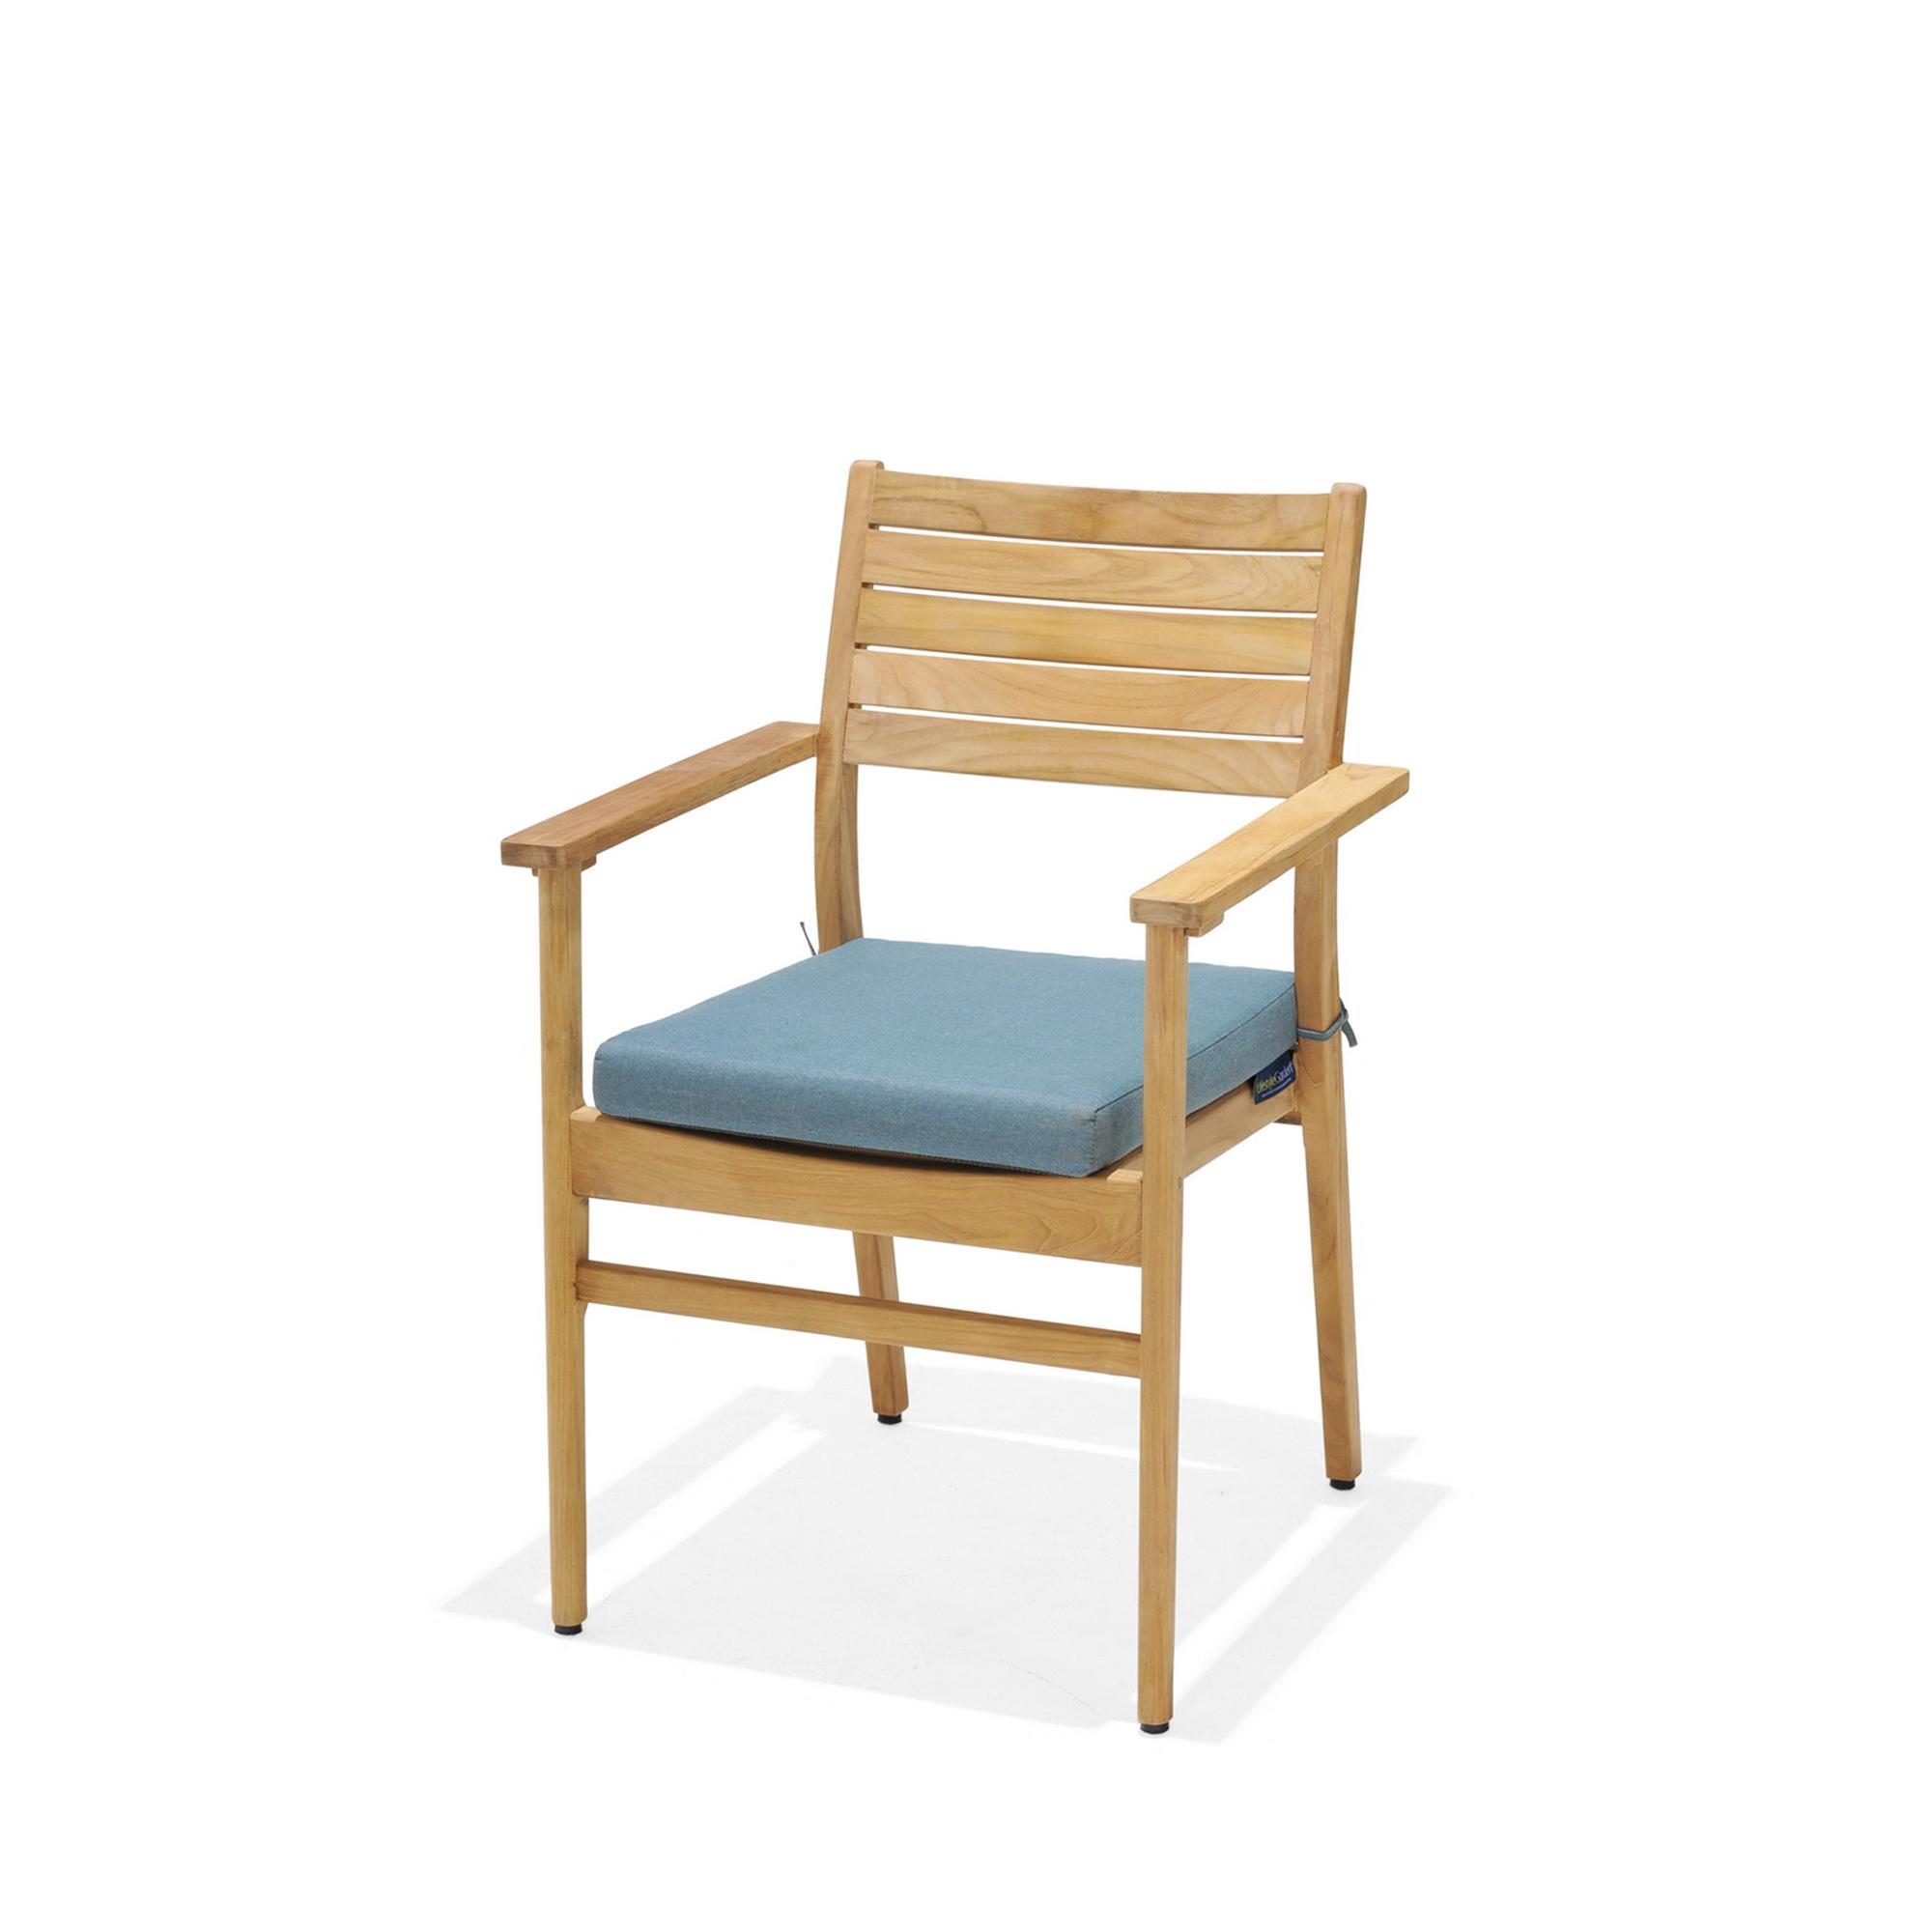 Bộ bàn ghế Eve 4-seater set2/7